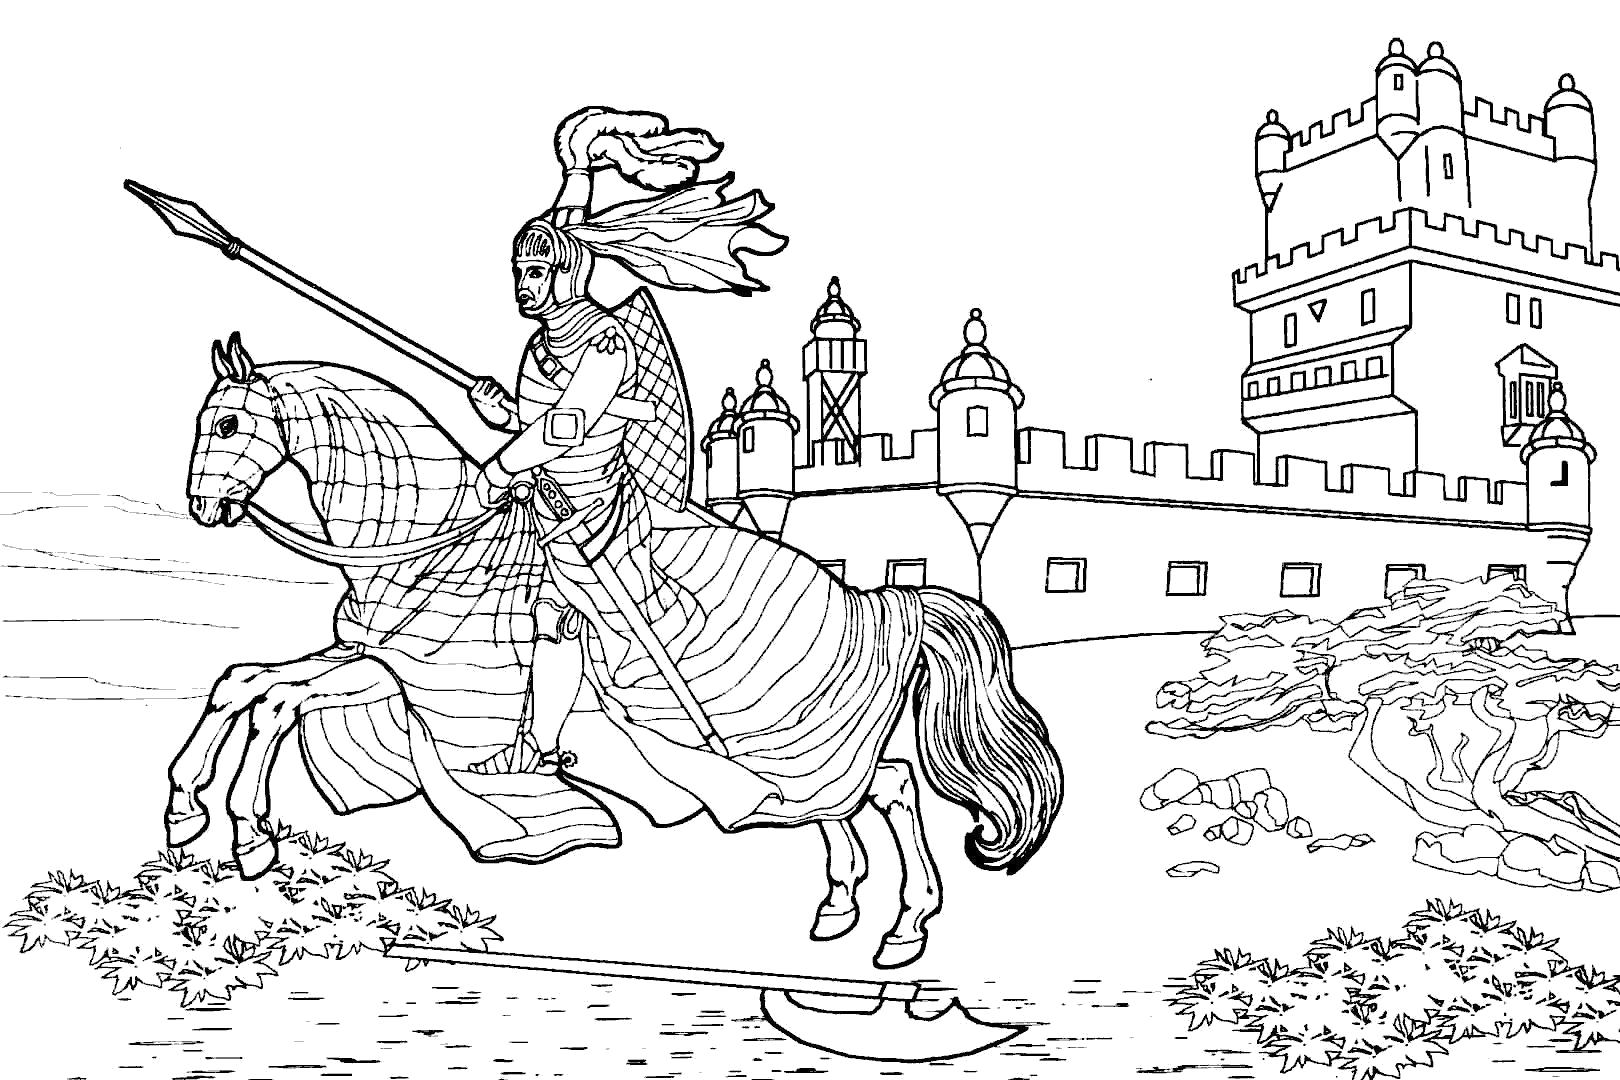 Раскраска Средневековый рыцарь на коне и замок. Скачать Рыцарь.  Распечатать Рыцарь